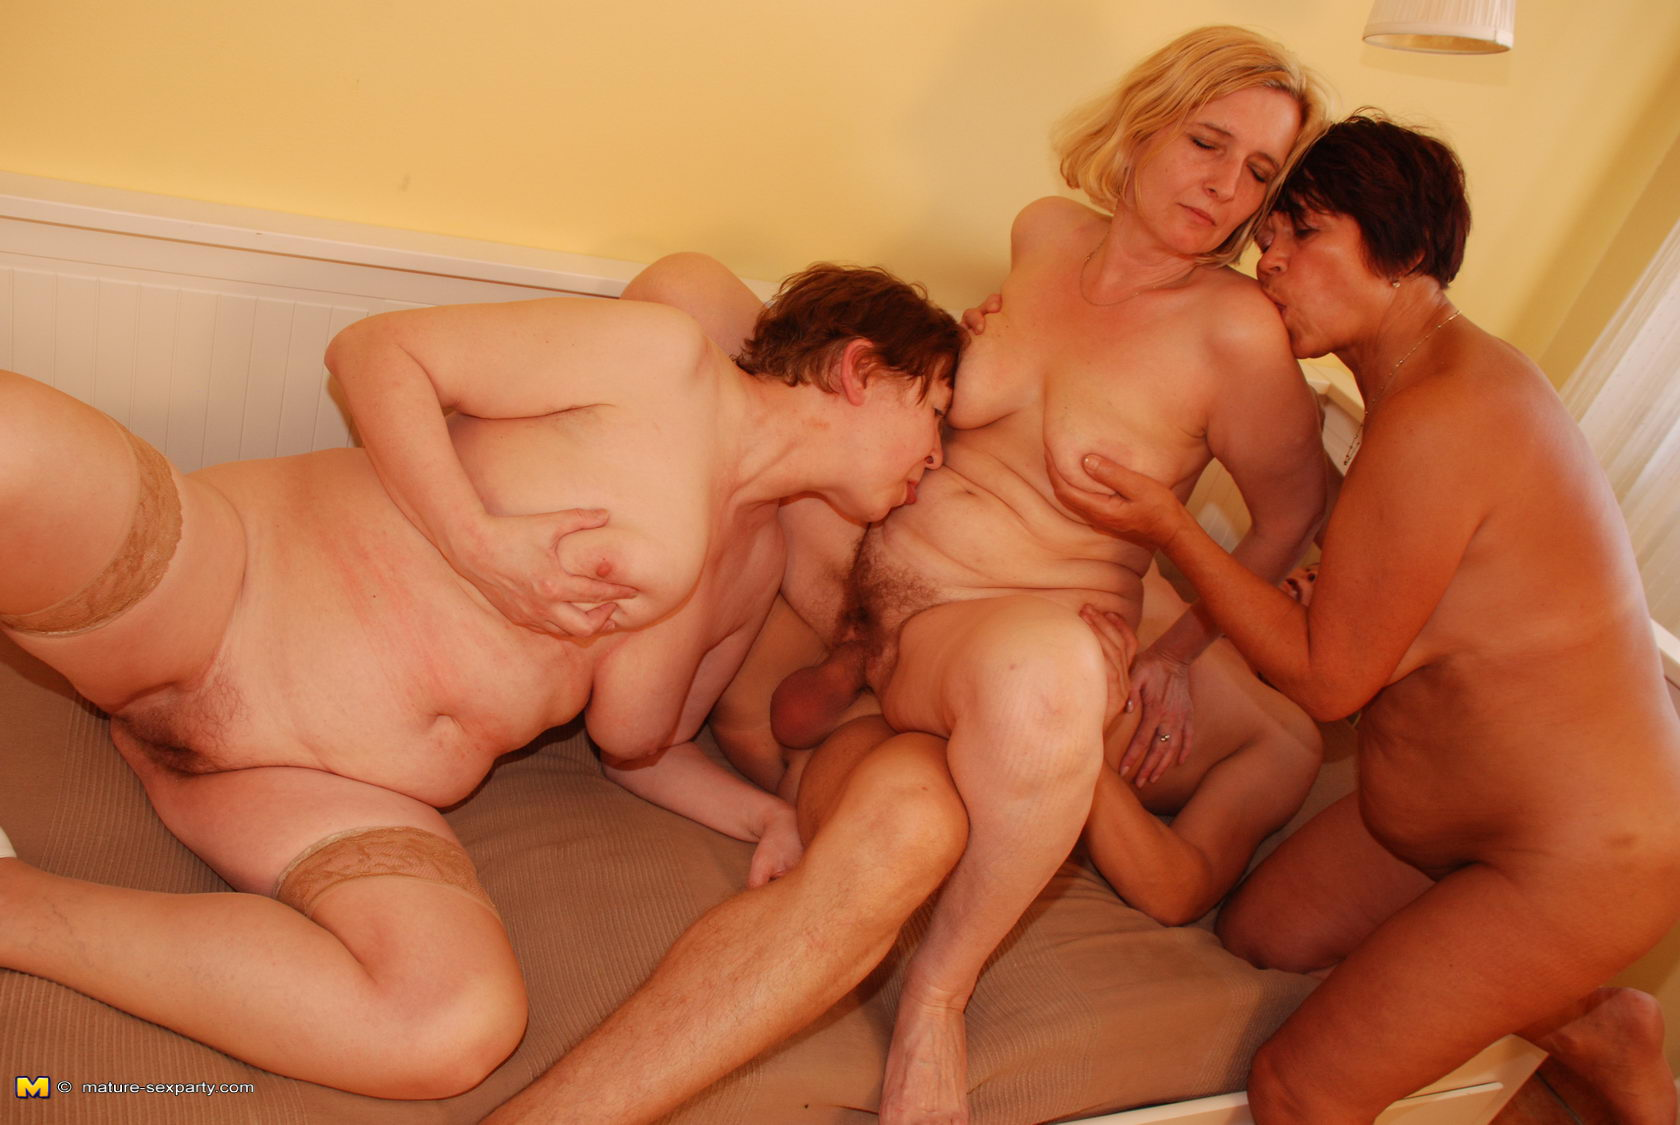 Русское секс фото онлайн смотреть бесплатно 10 фотография